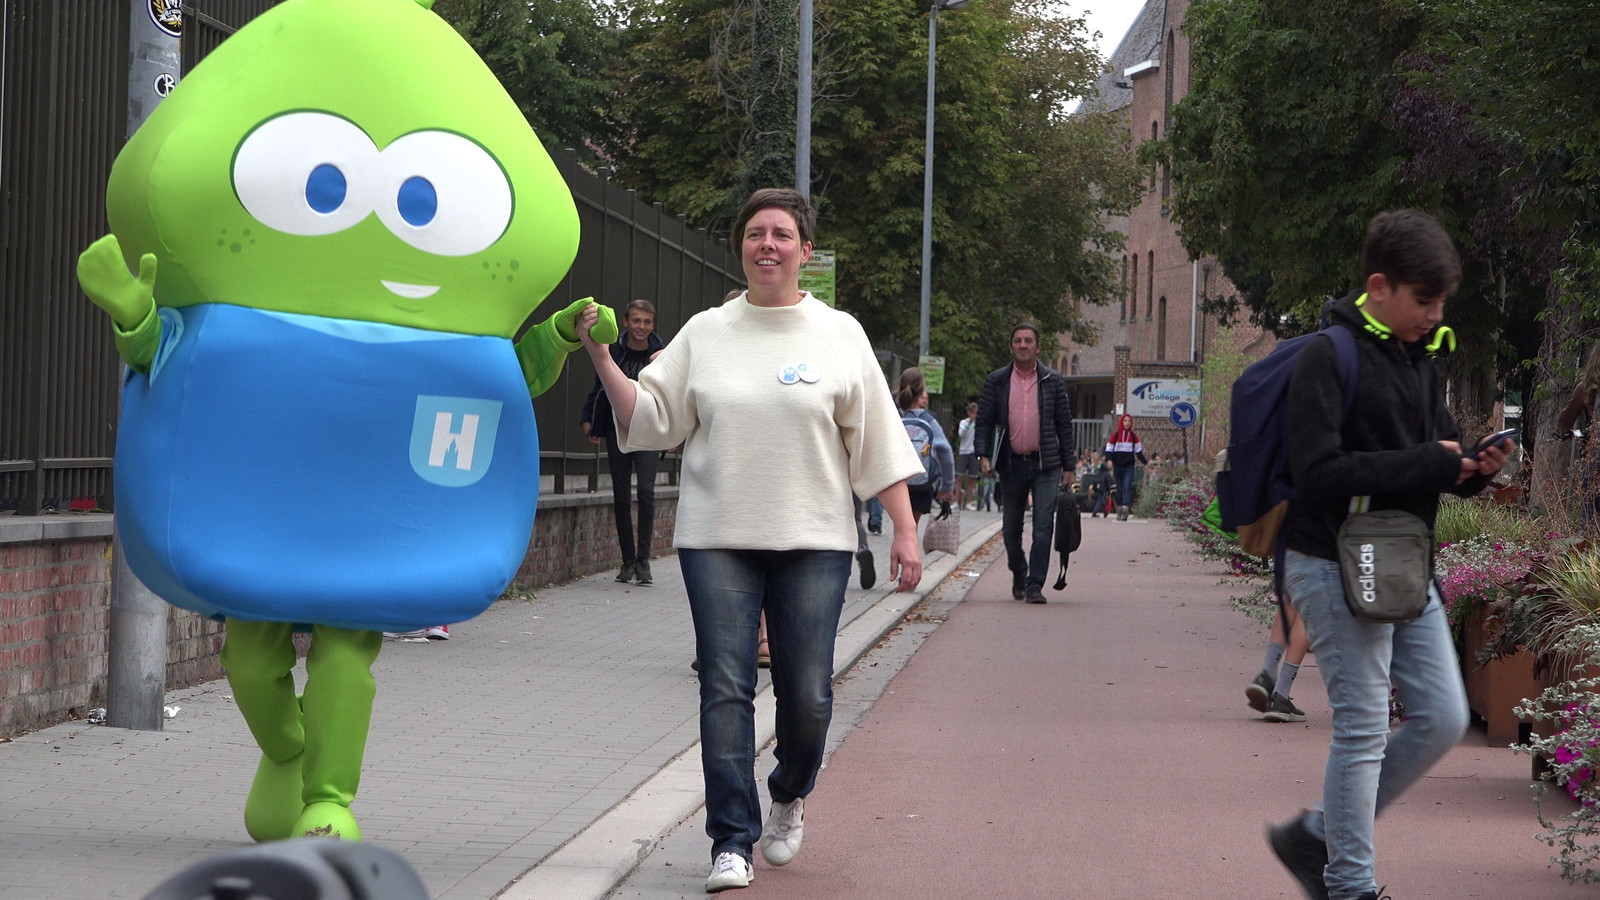 Basiel maakte twee jaar geleden al eens zijn opwachting aan een schoolpoort in Halle. Toen om fietsers te feliciteren van het Heilig-Hart&College in Halle.